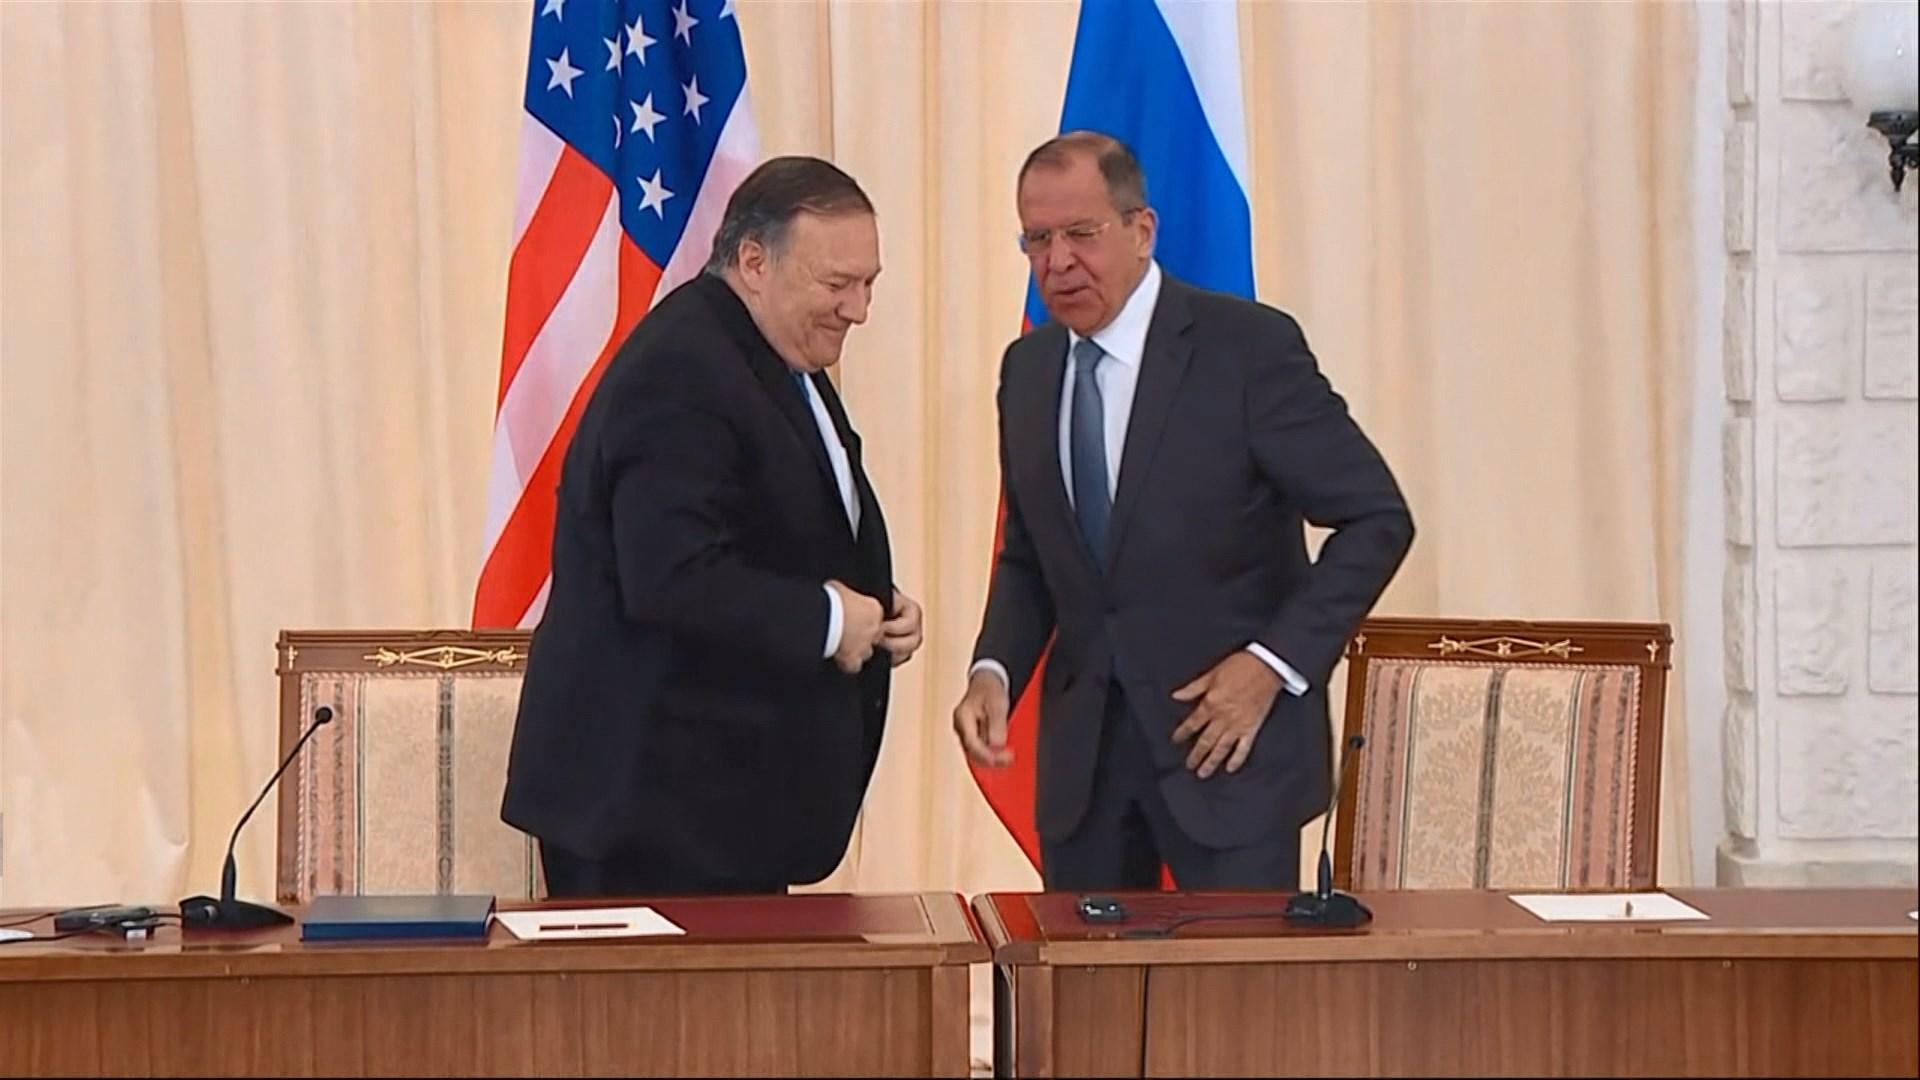 普京強調俄從未干預美國選舉